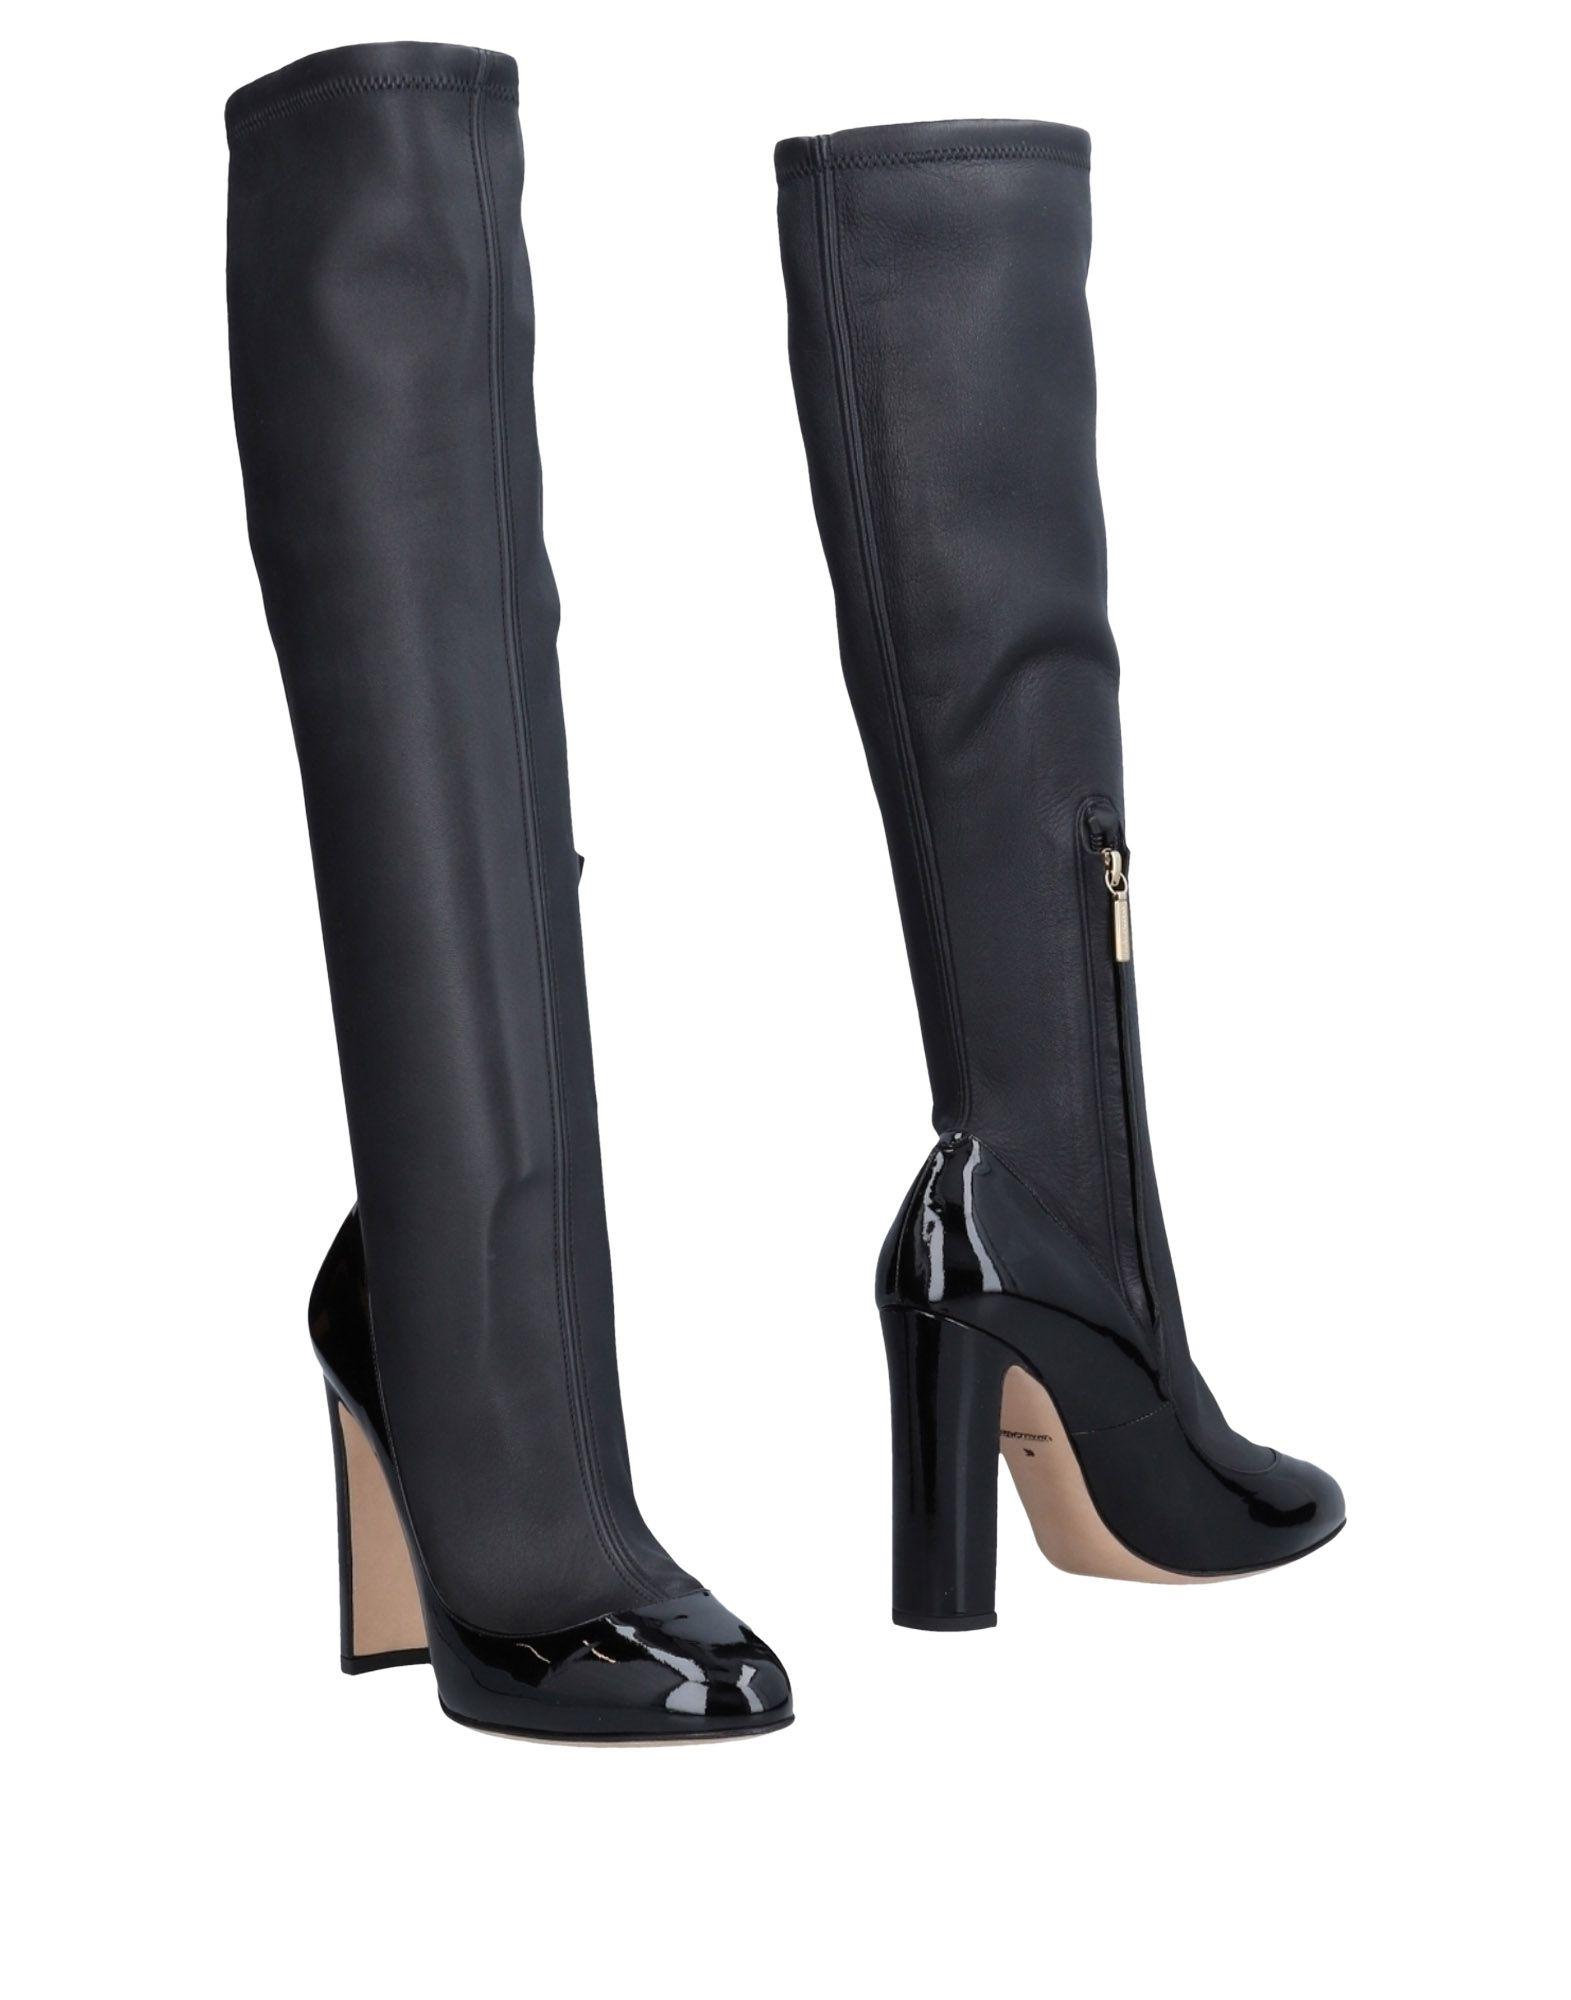 Stivali Dolce & Gabbana Donna - 11488405KL